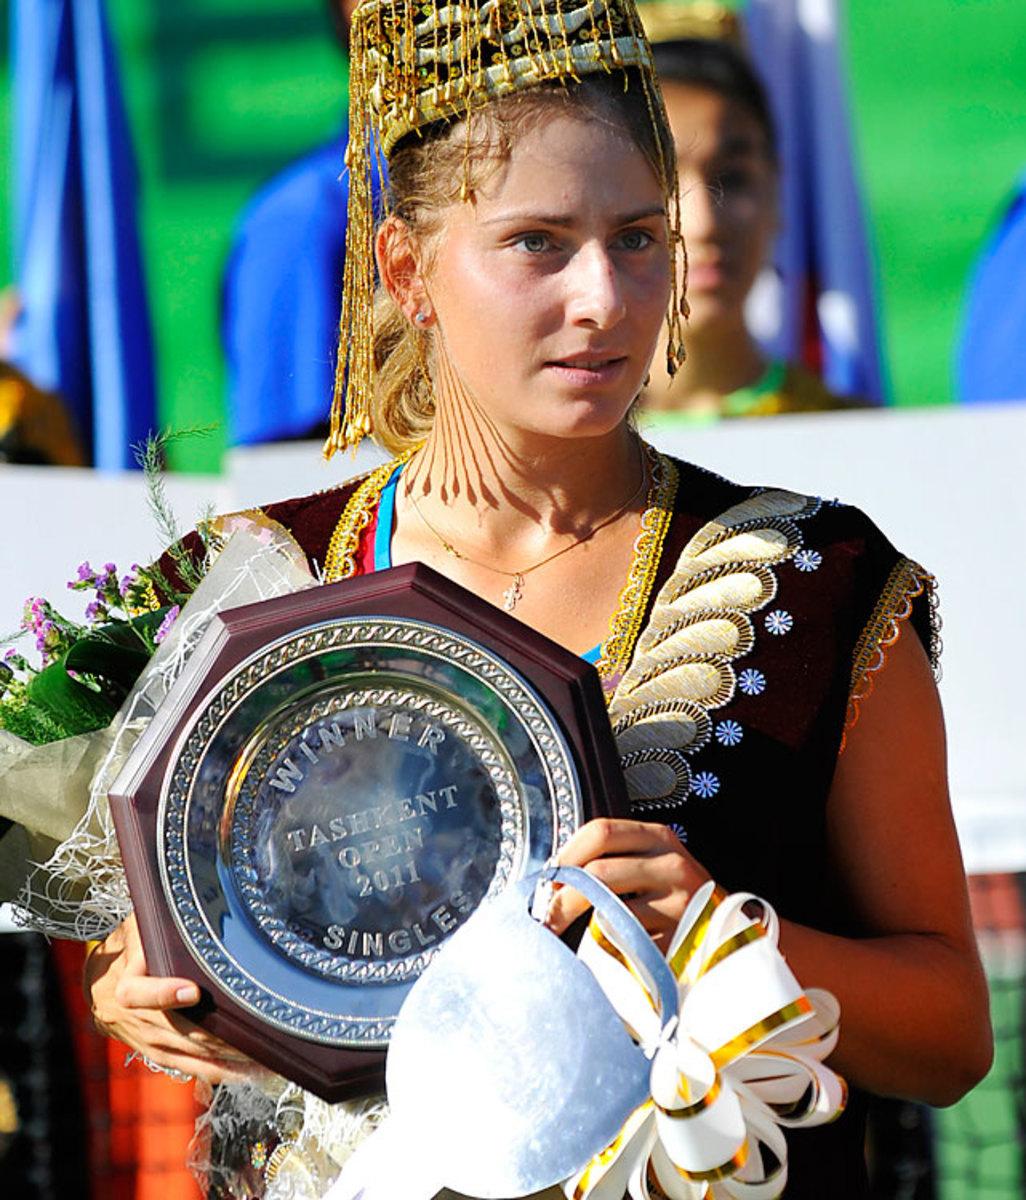 Ksenia Pervak